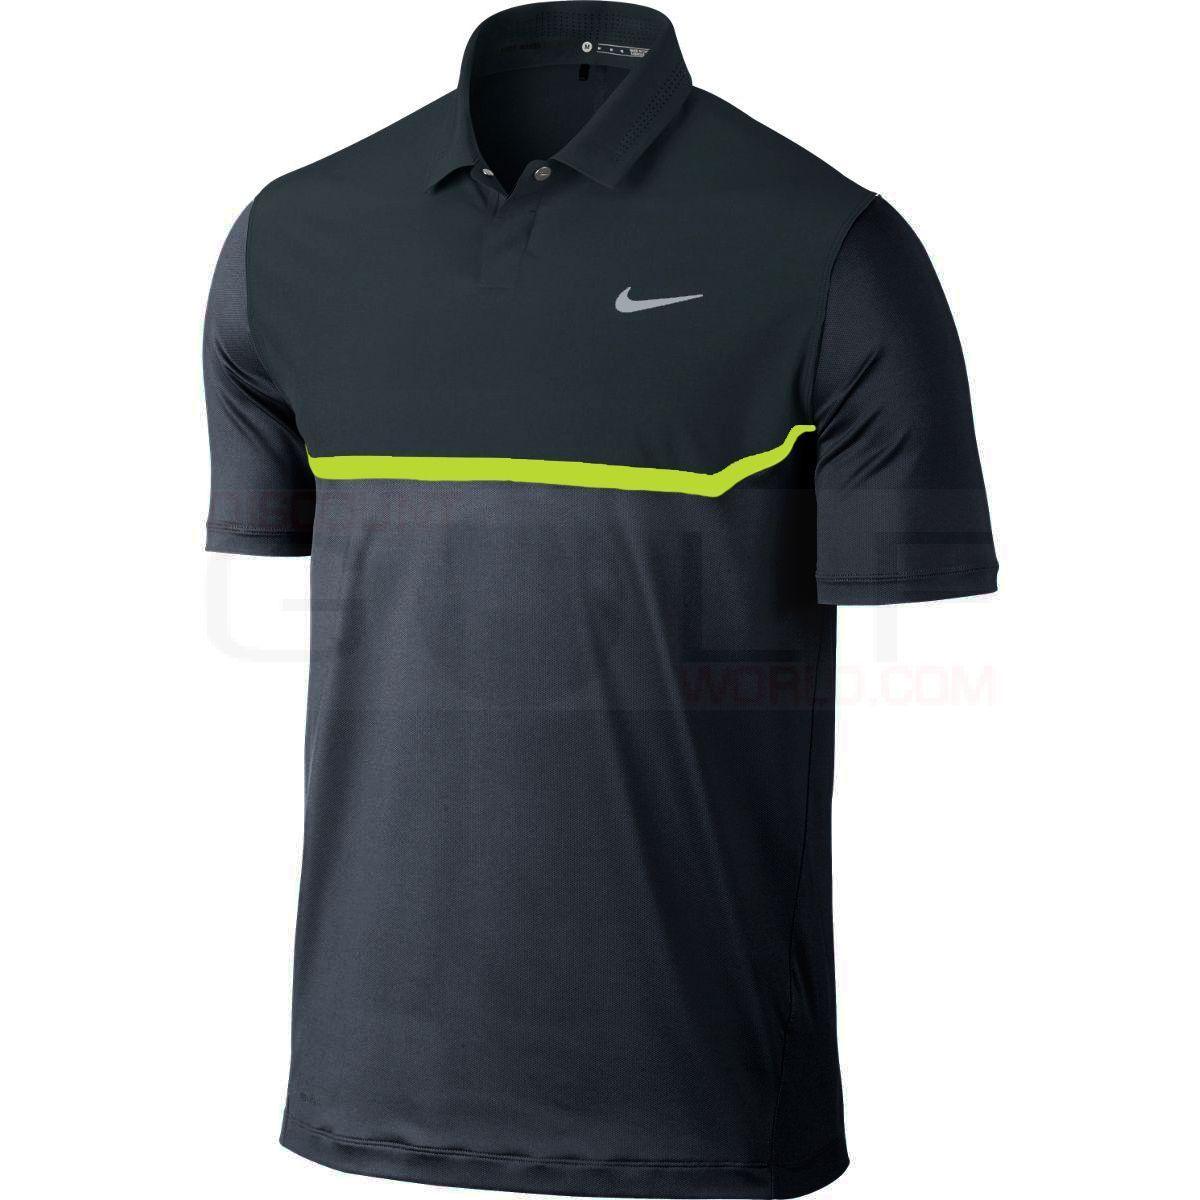 Nike TW Elite Cool Carbon Polo 639819